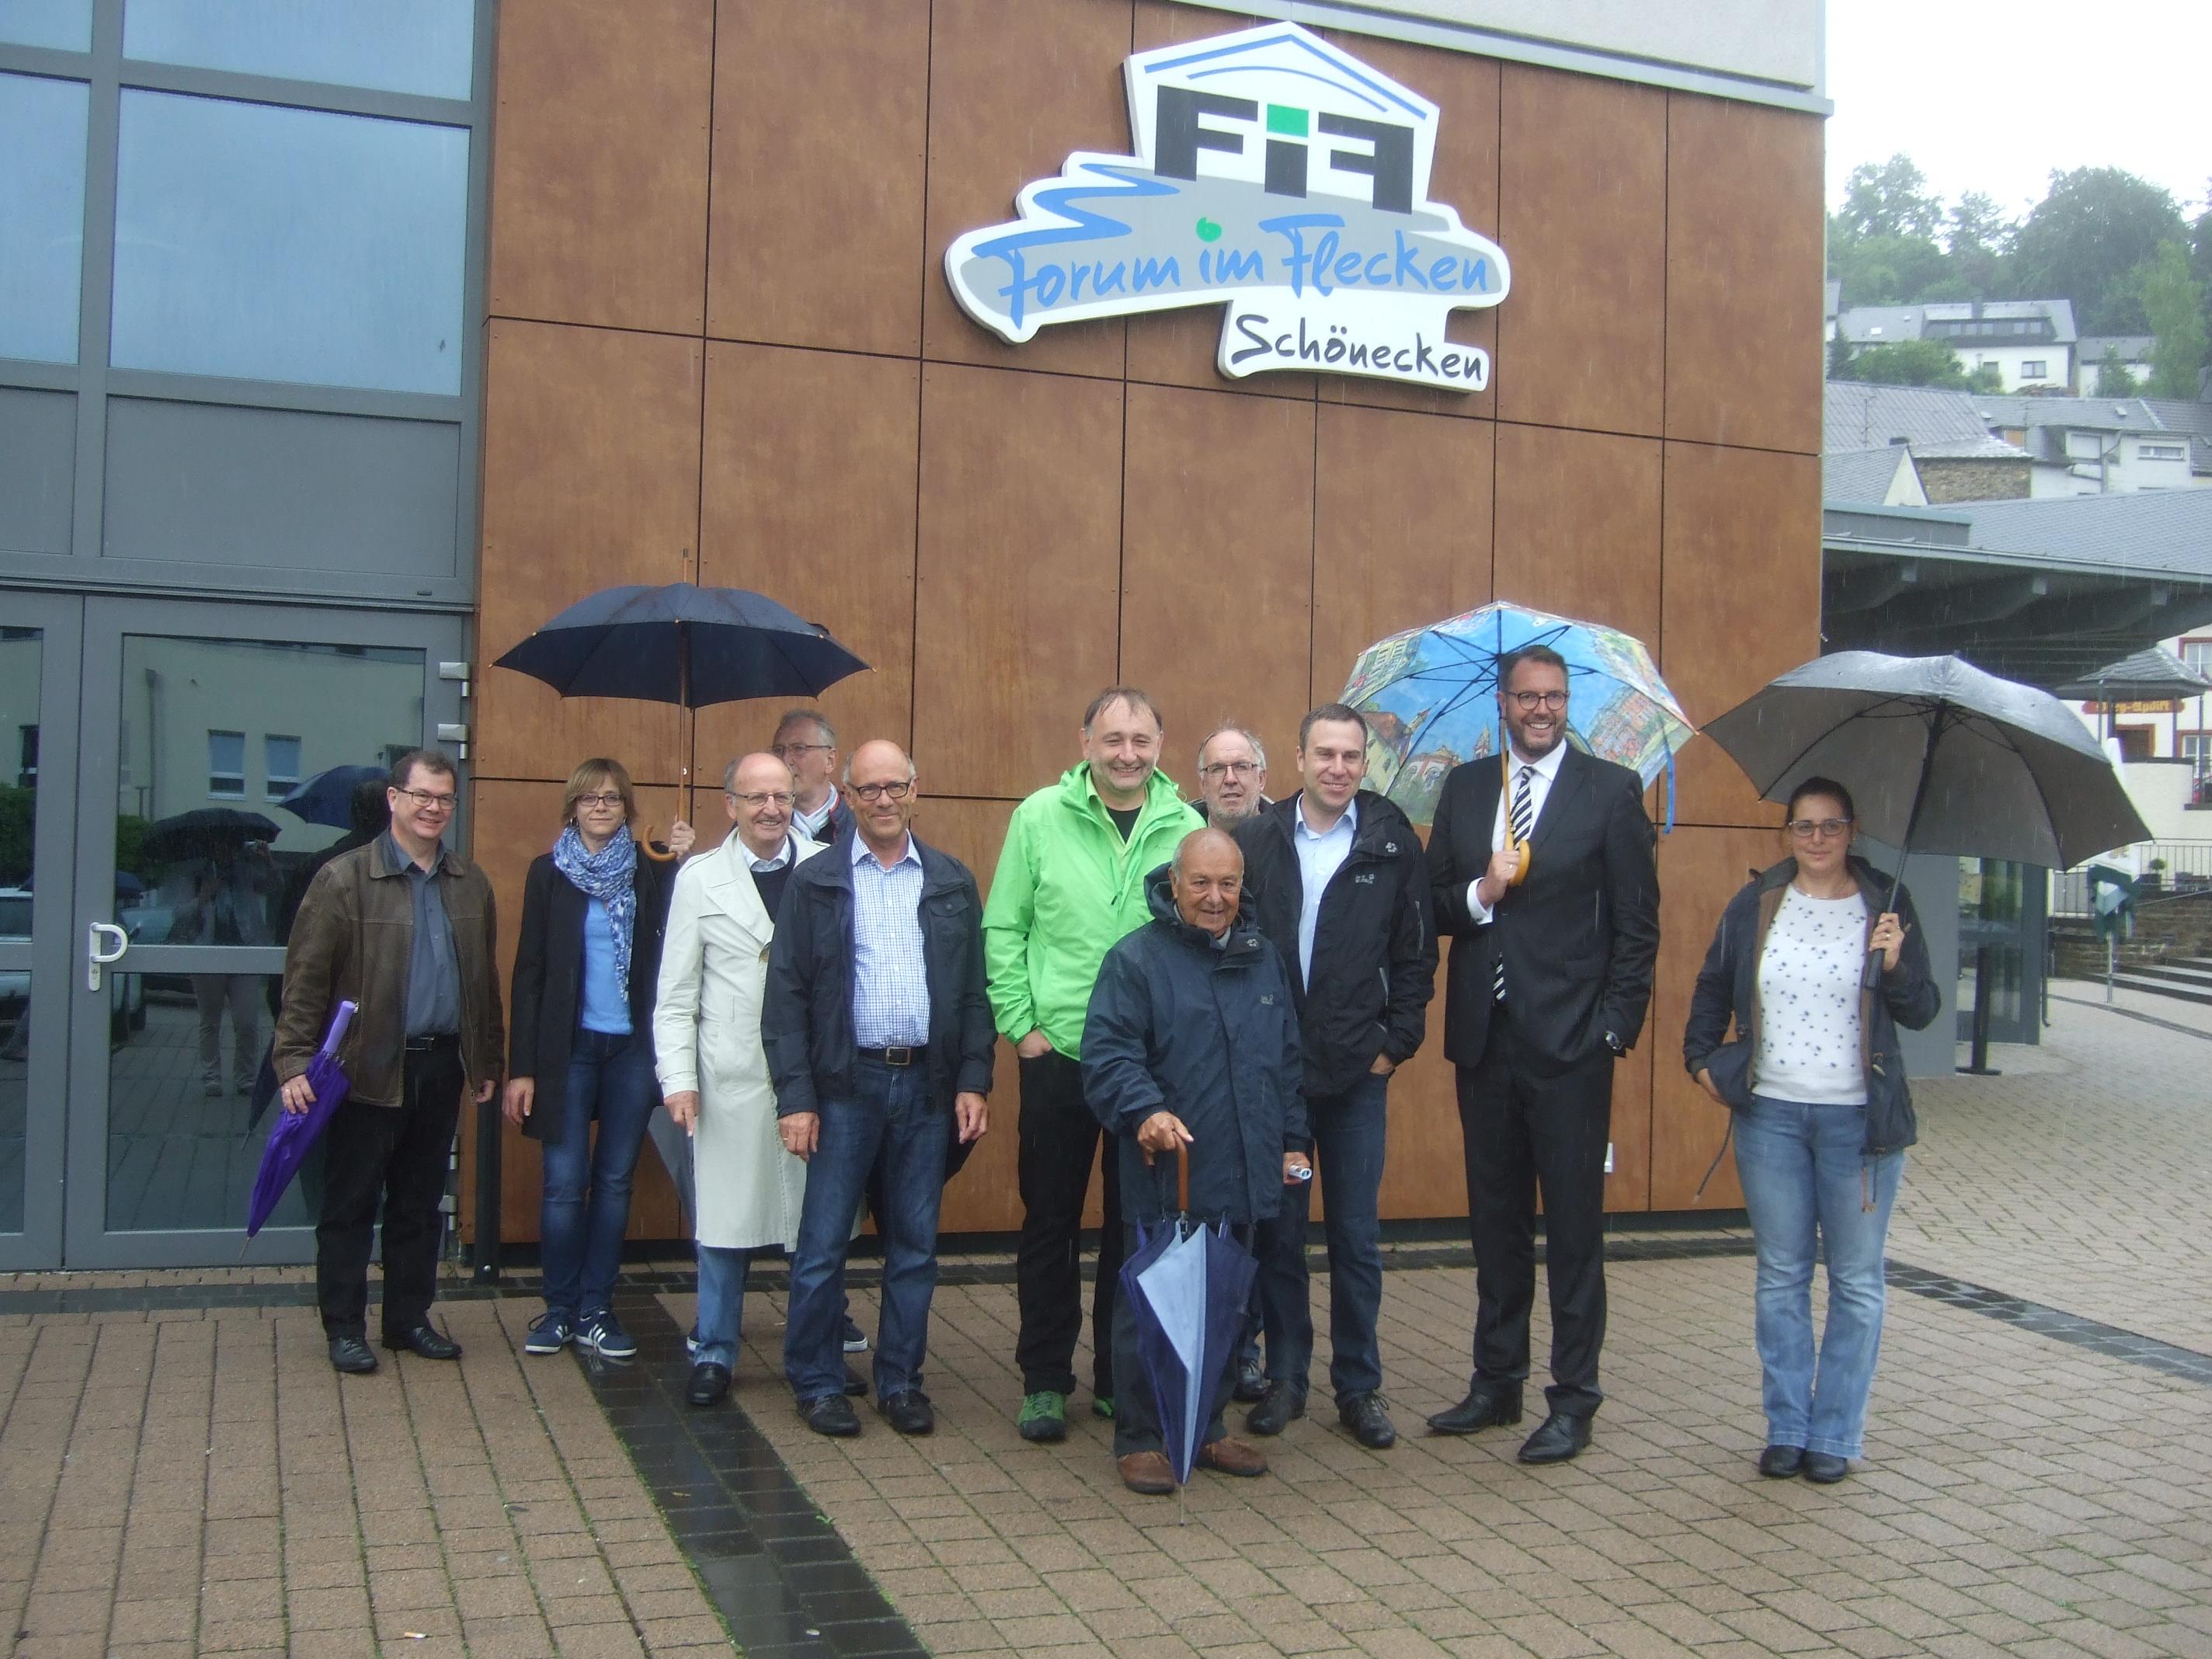 Sommertour mit Alexander Schweitzer – Besuch in Schönecken